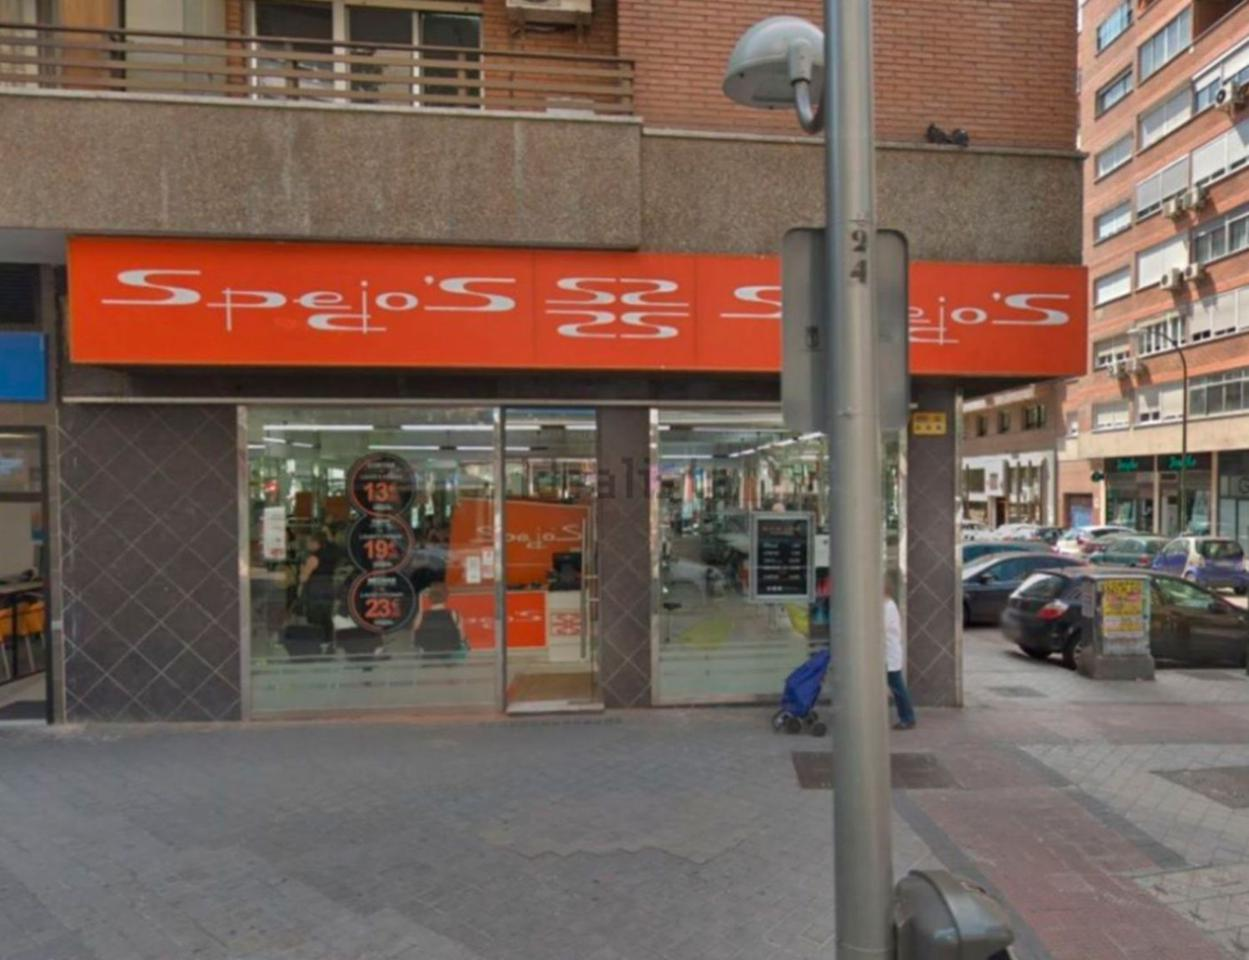 Alquiler Local Comercial  Calle clara del rey. Características principales: ->superficies: 92 m² construidos e